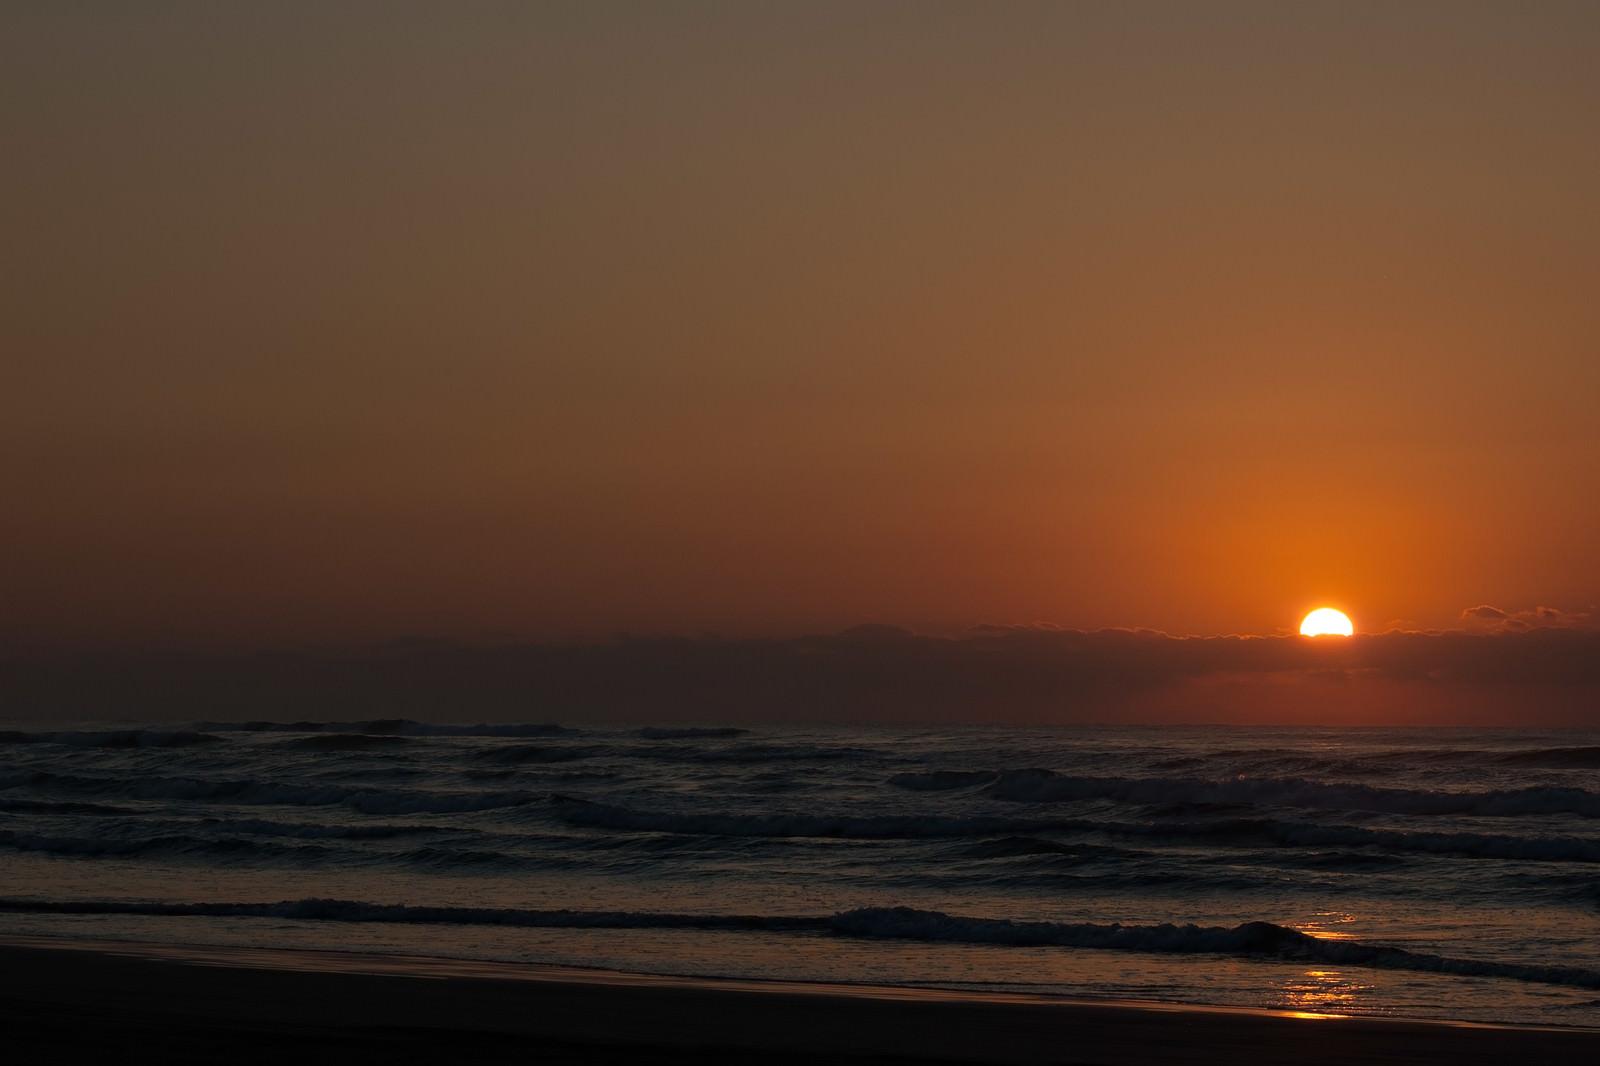 「もうすぐ日が沈む」の写真